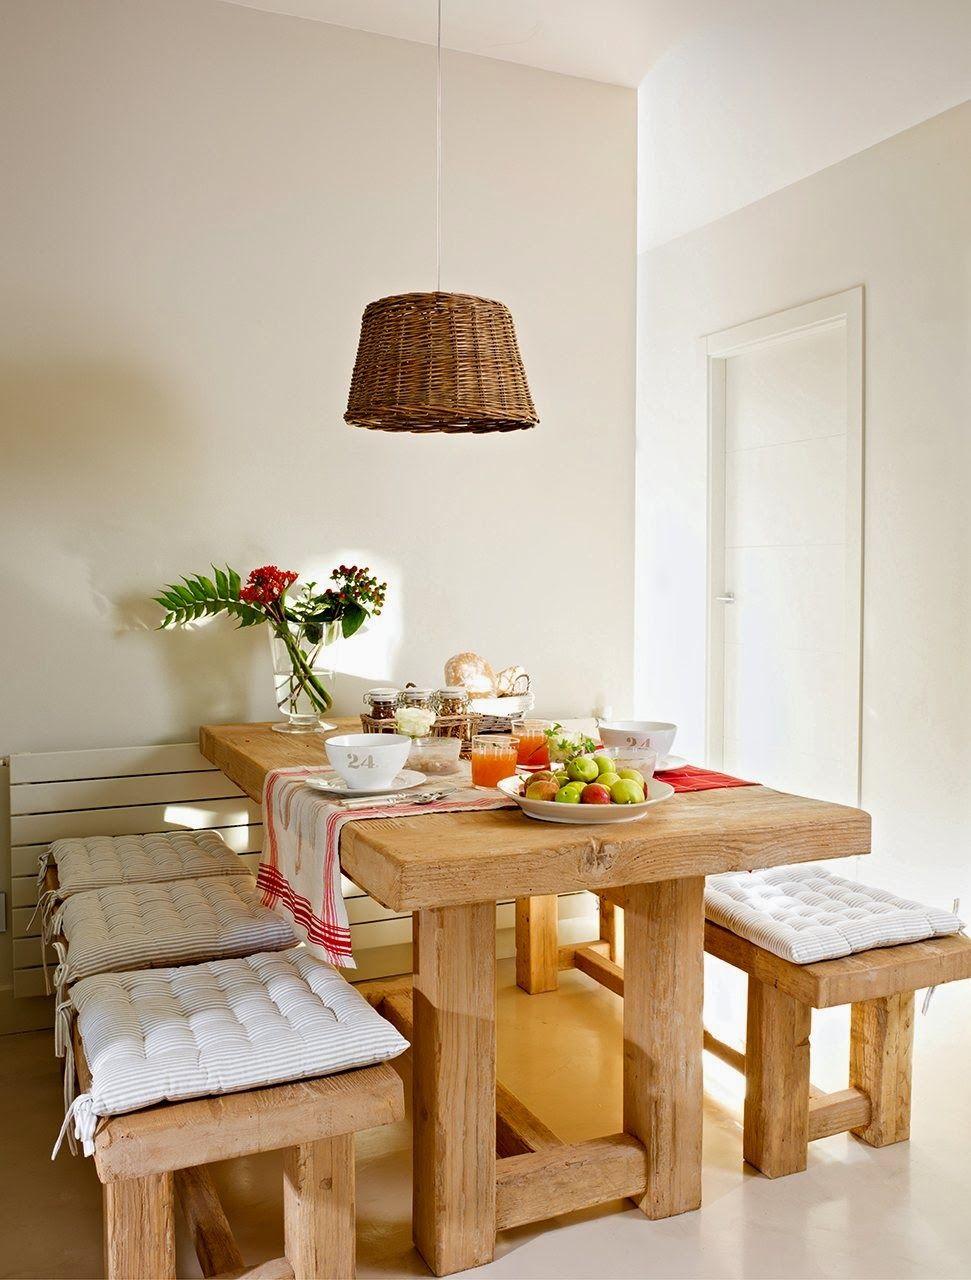 Reciclar decorar vintage decoracion pinterest for Mesas de comedor pequenas